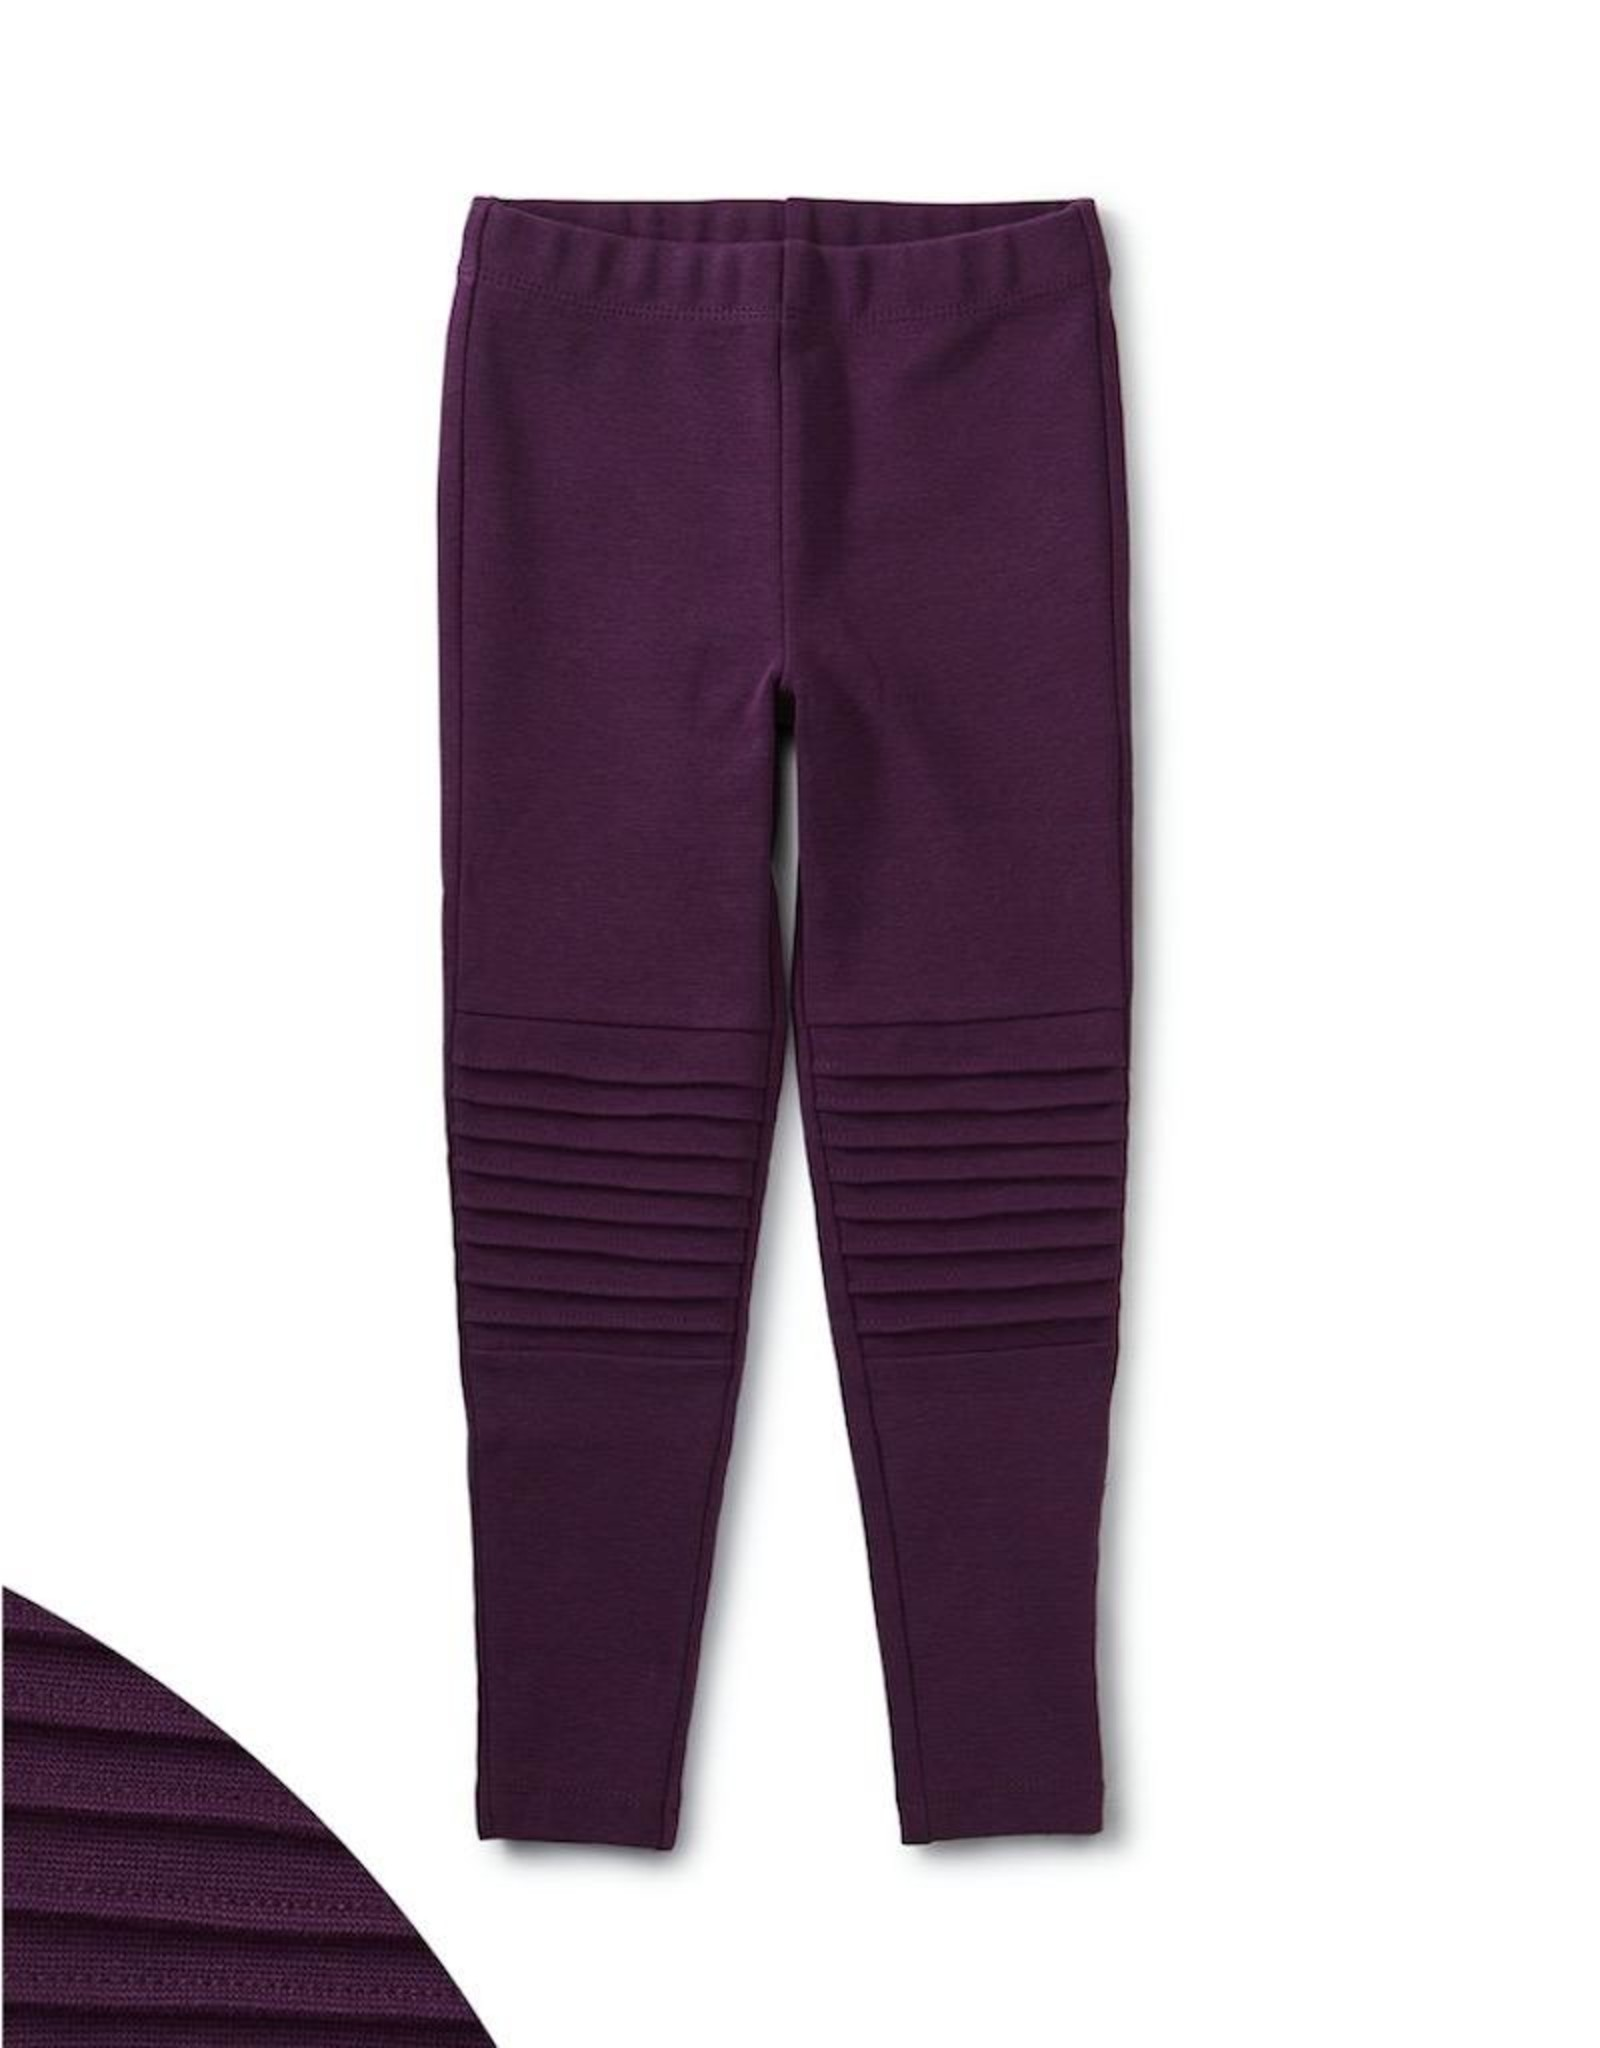 Tea Collection Elderberry Reinforced Knee Moto Pants